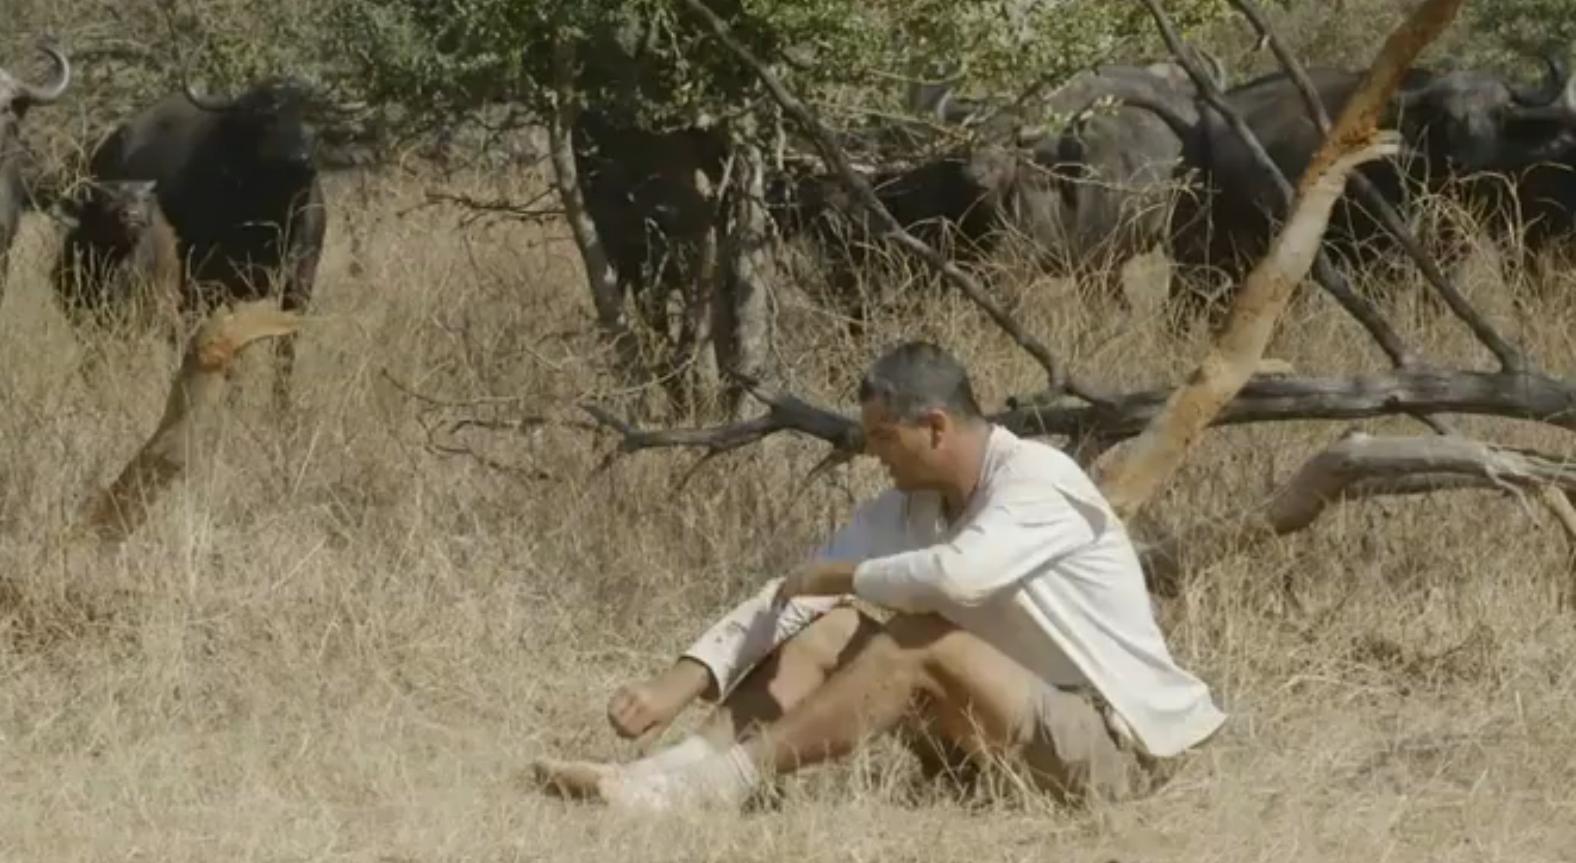 Frank de la Jungla insulta gravemente a los cazadores